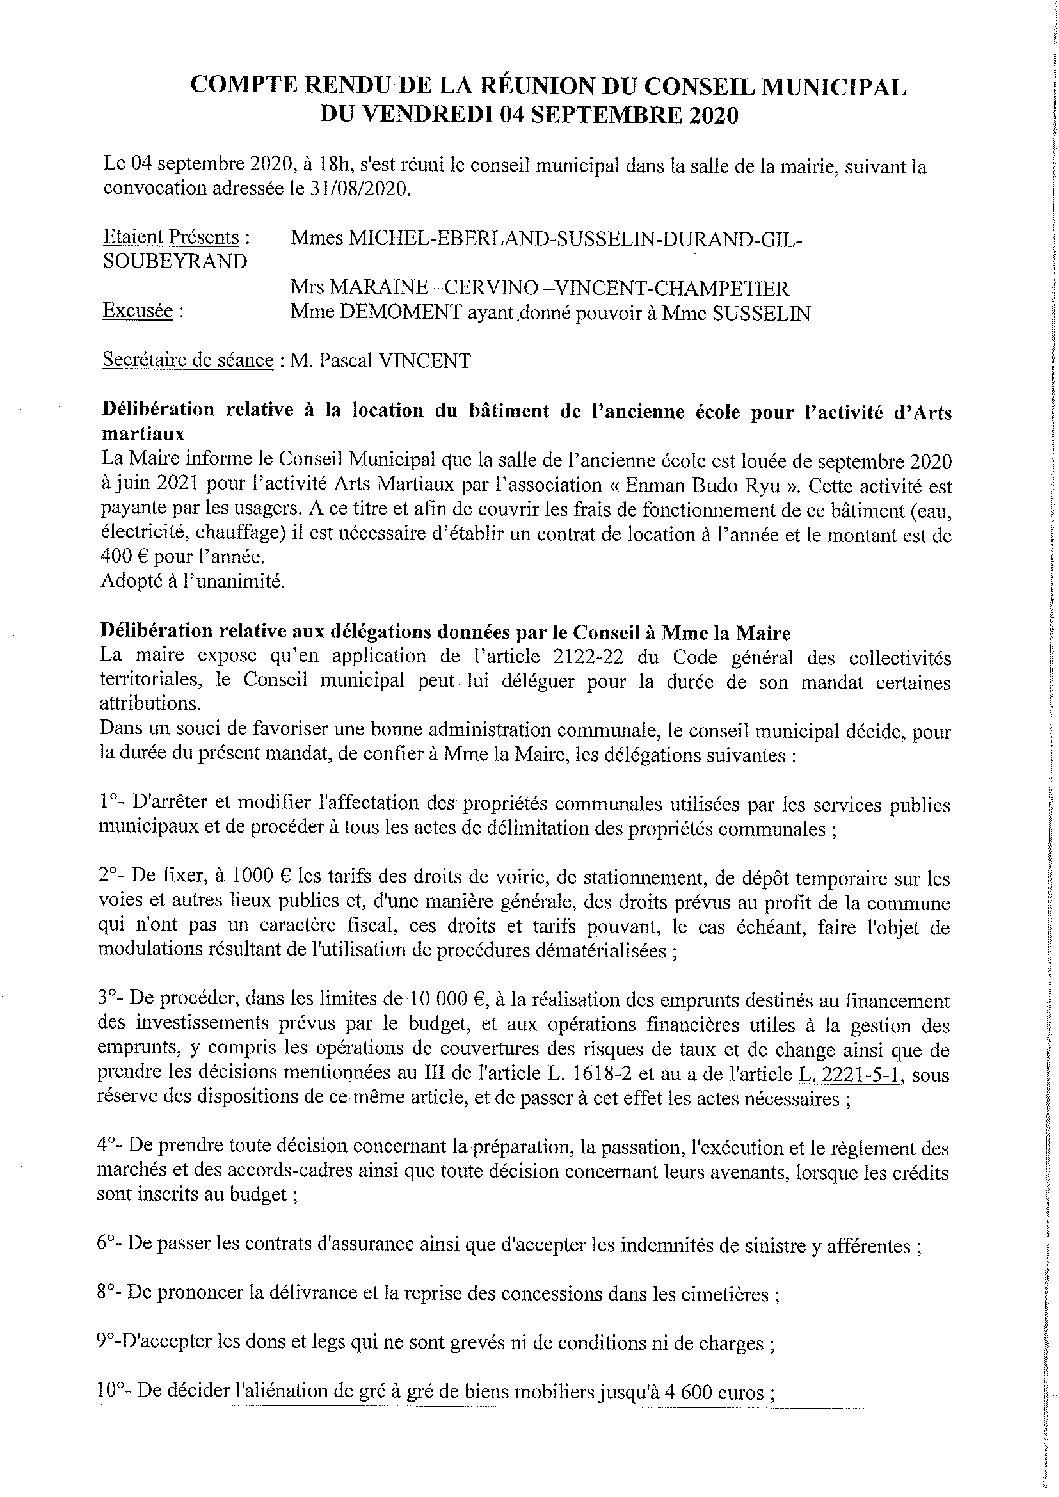 CR Conseil municipal du 04 septembre 2020